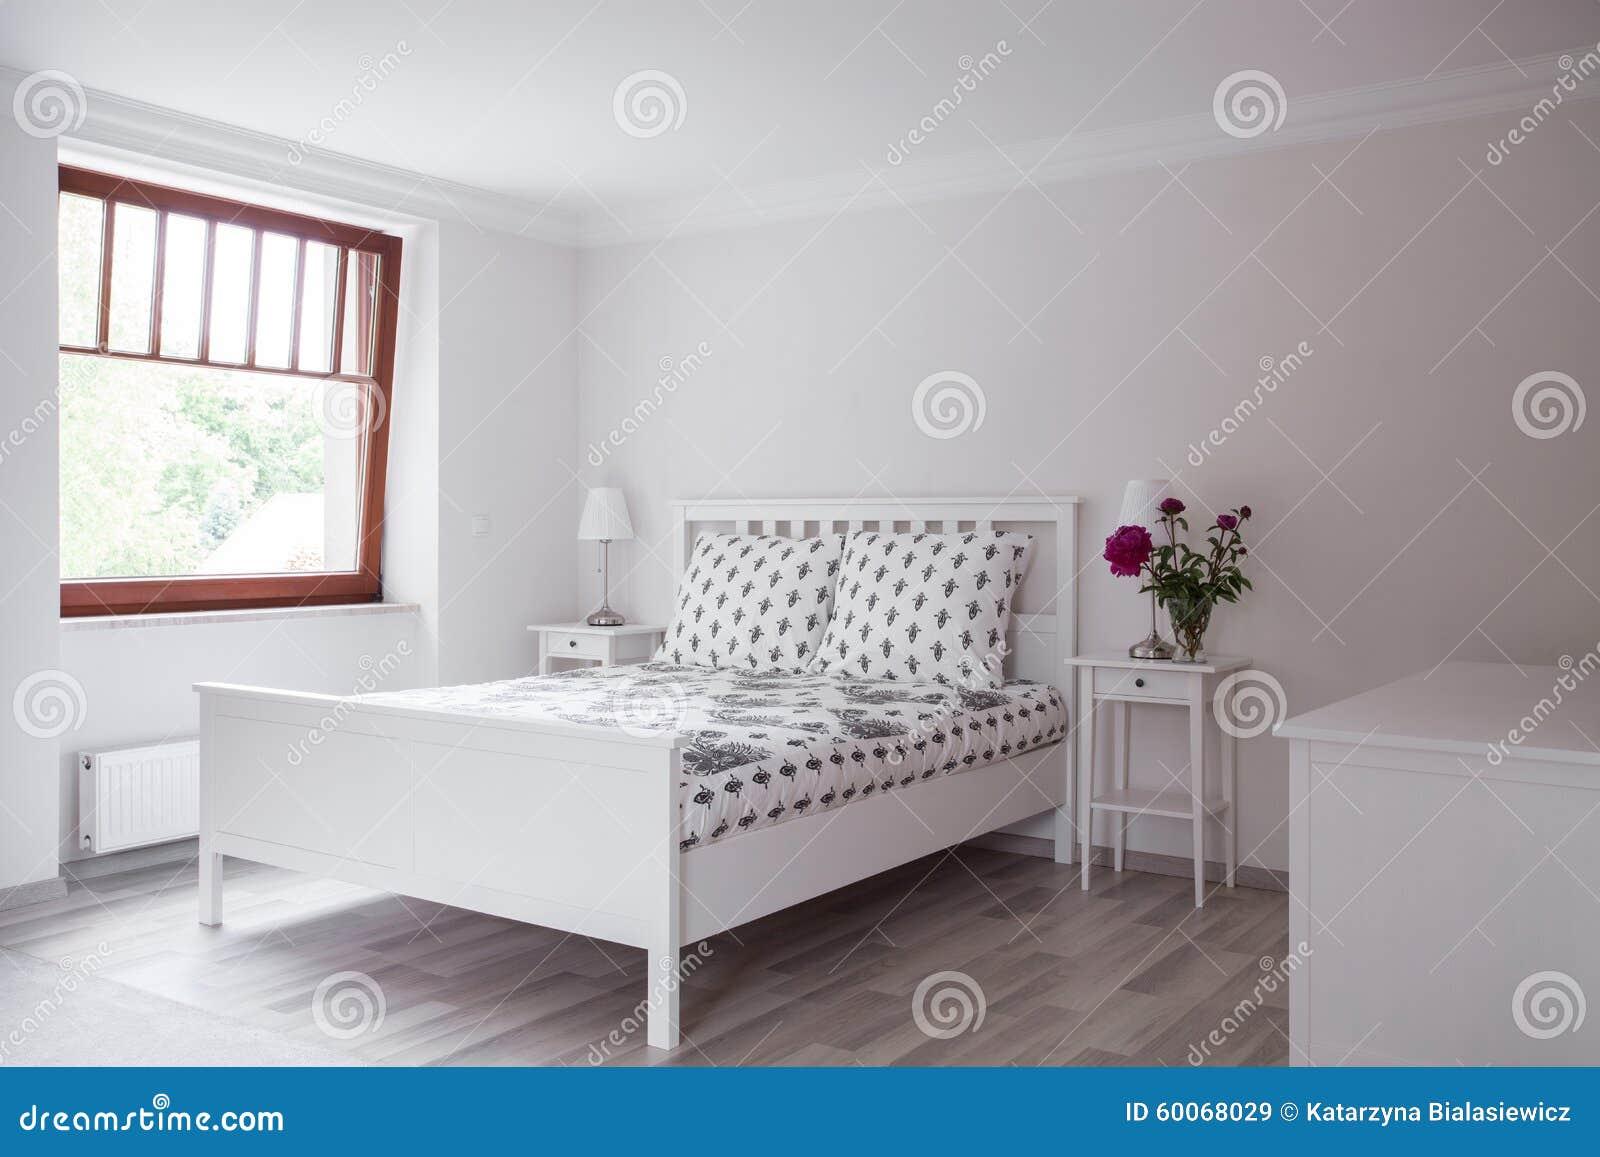 Camera Da Letto Nello Stile Romantico Immagine Stock - Immagine di ...